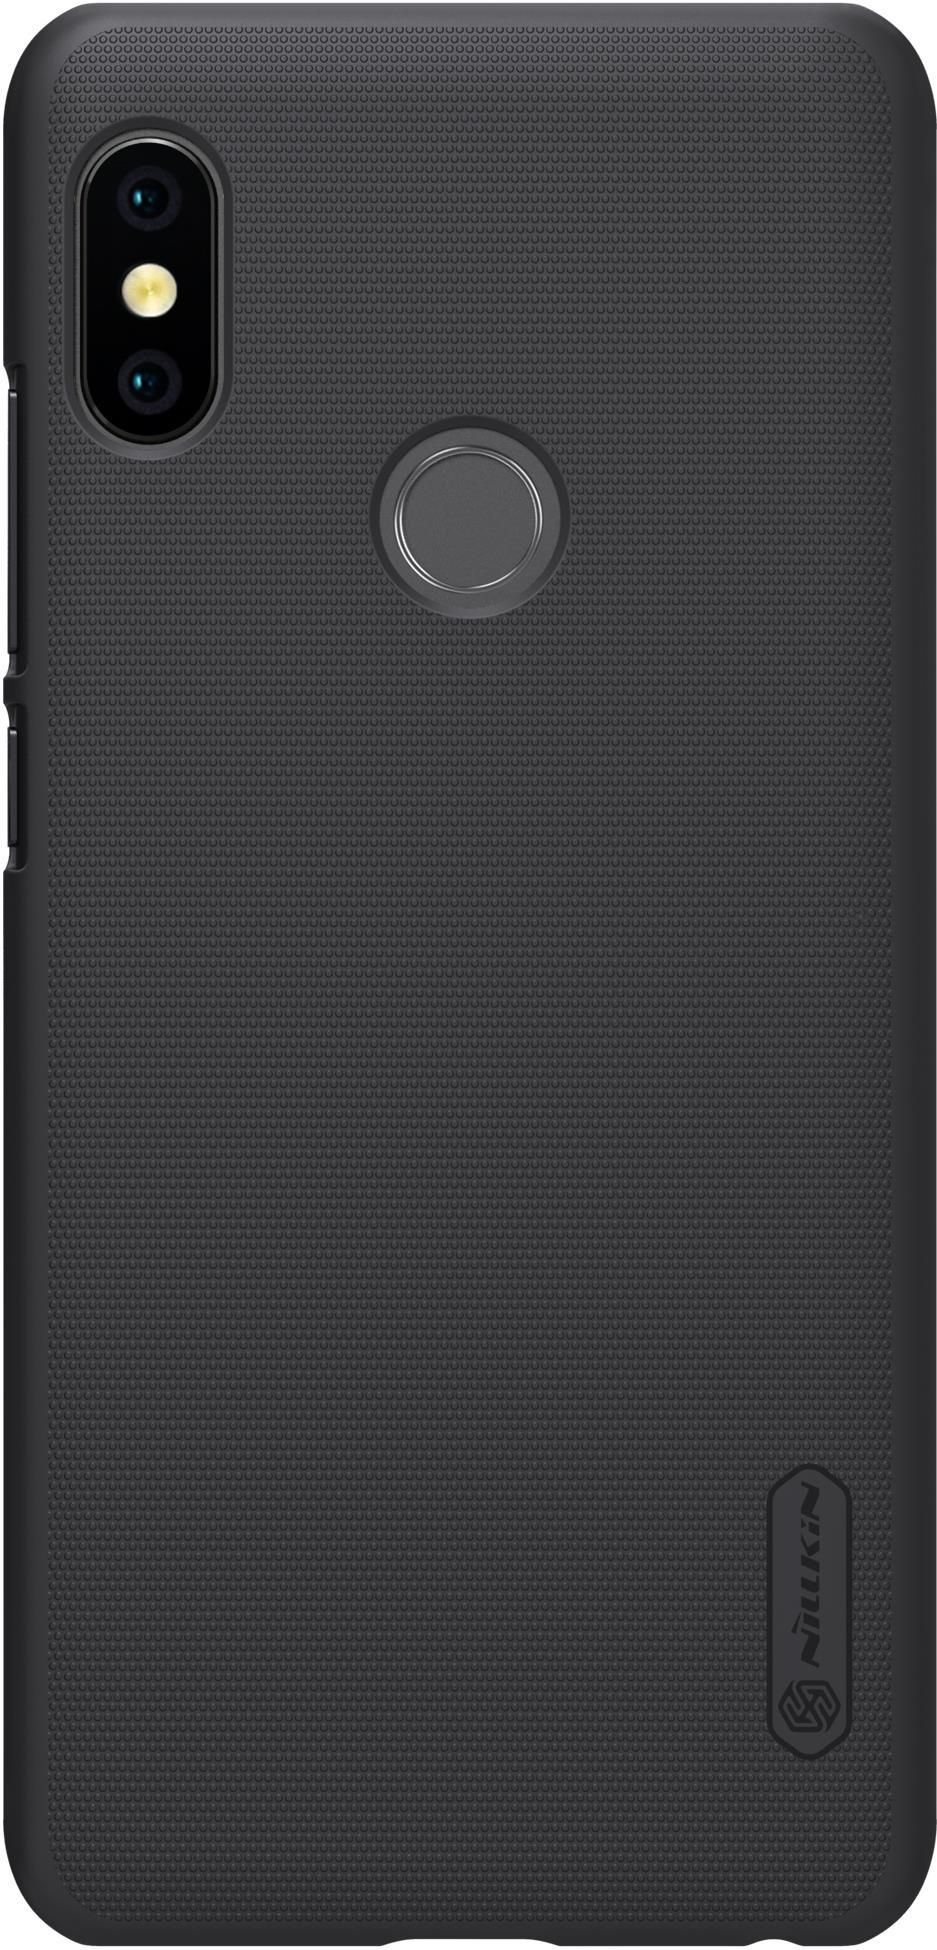 Накладка Nillkin Super Frosted для Redmi Note 5, 6902048154759, черный